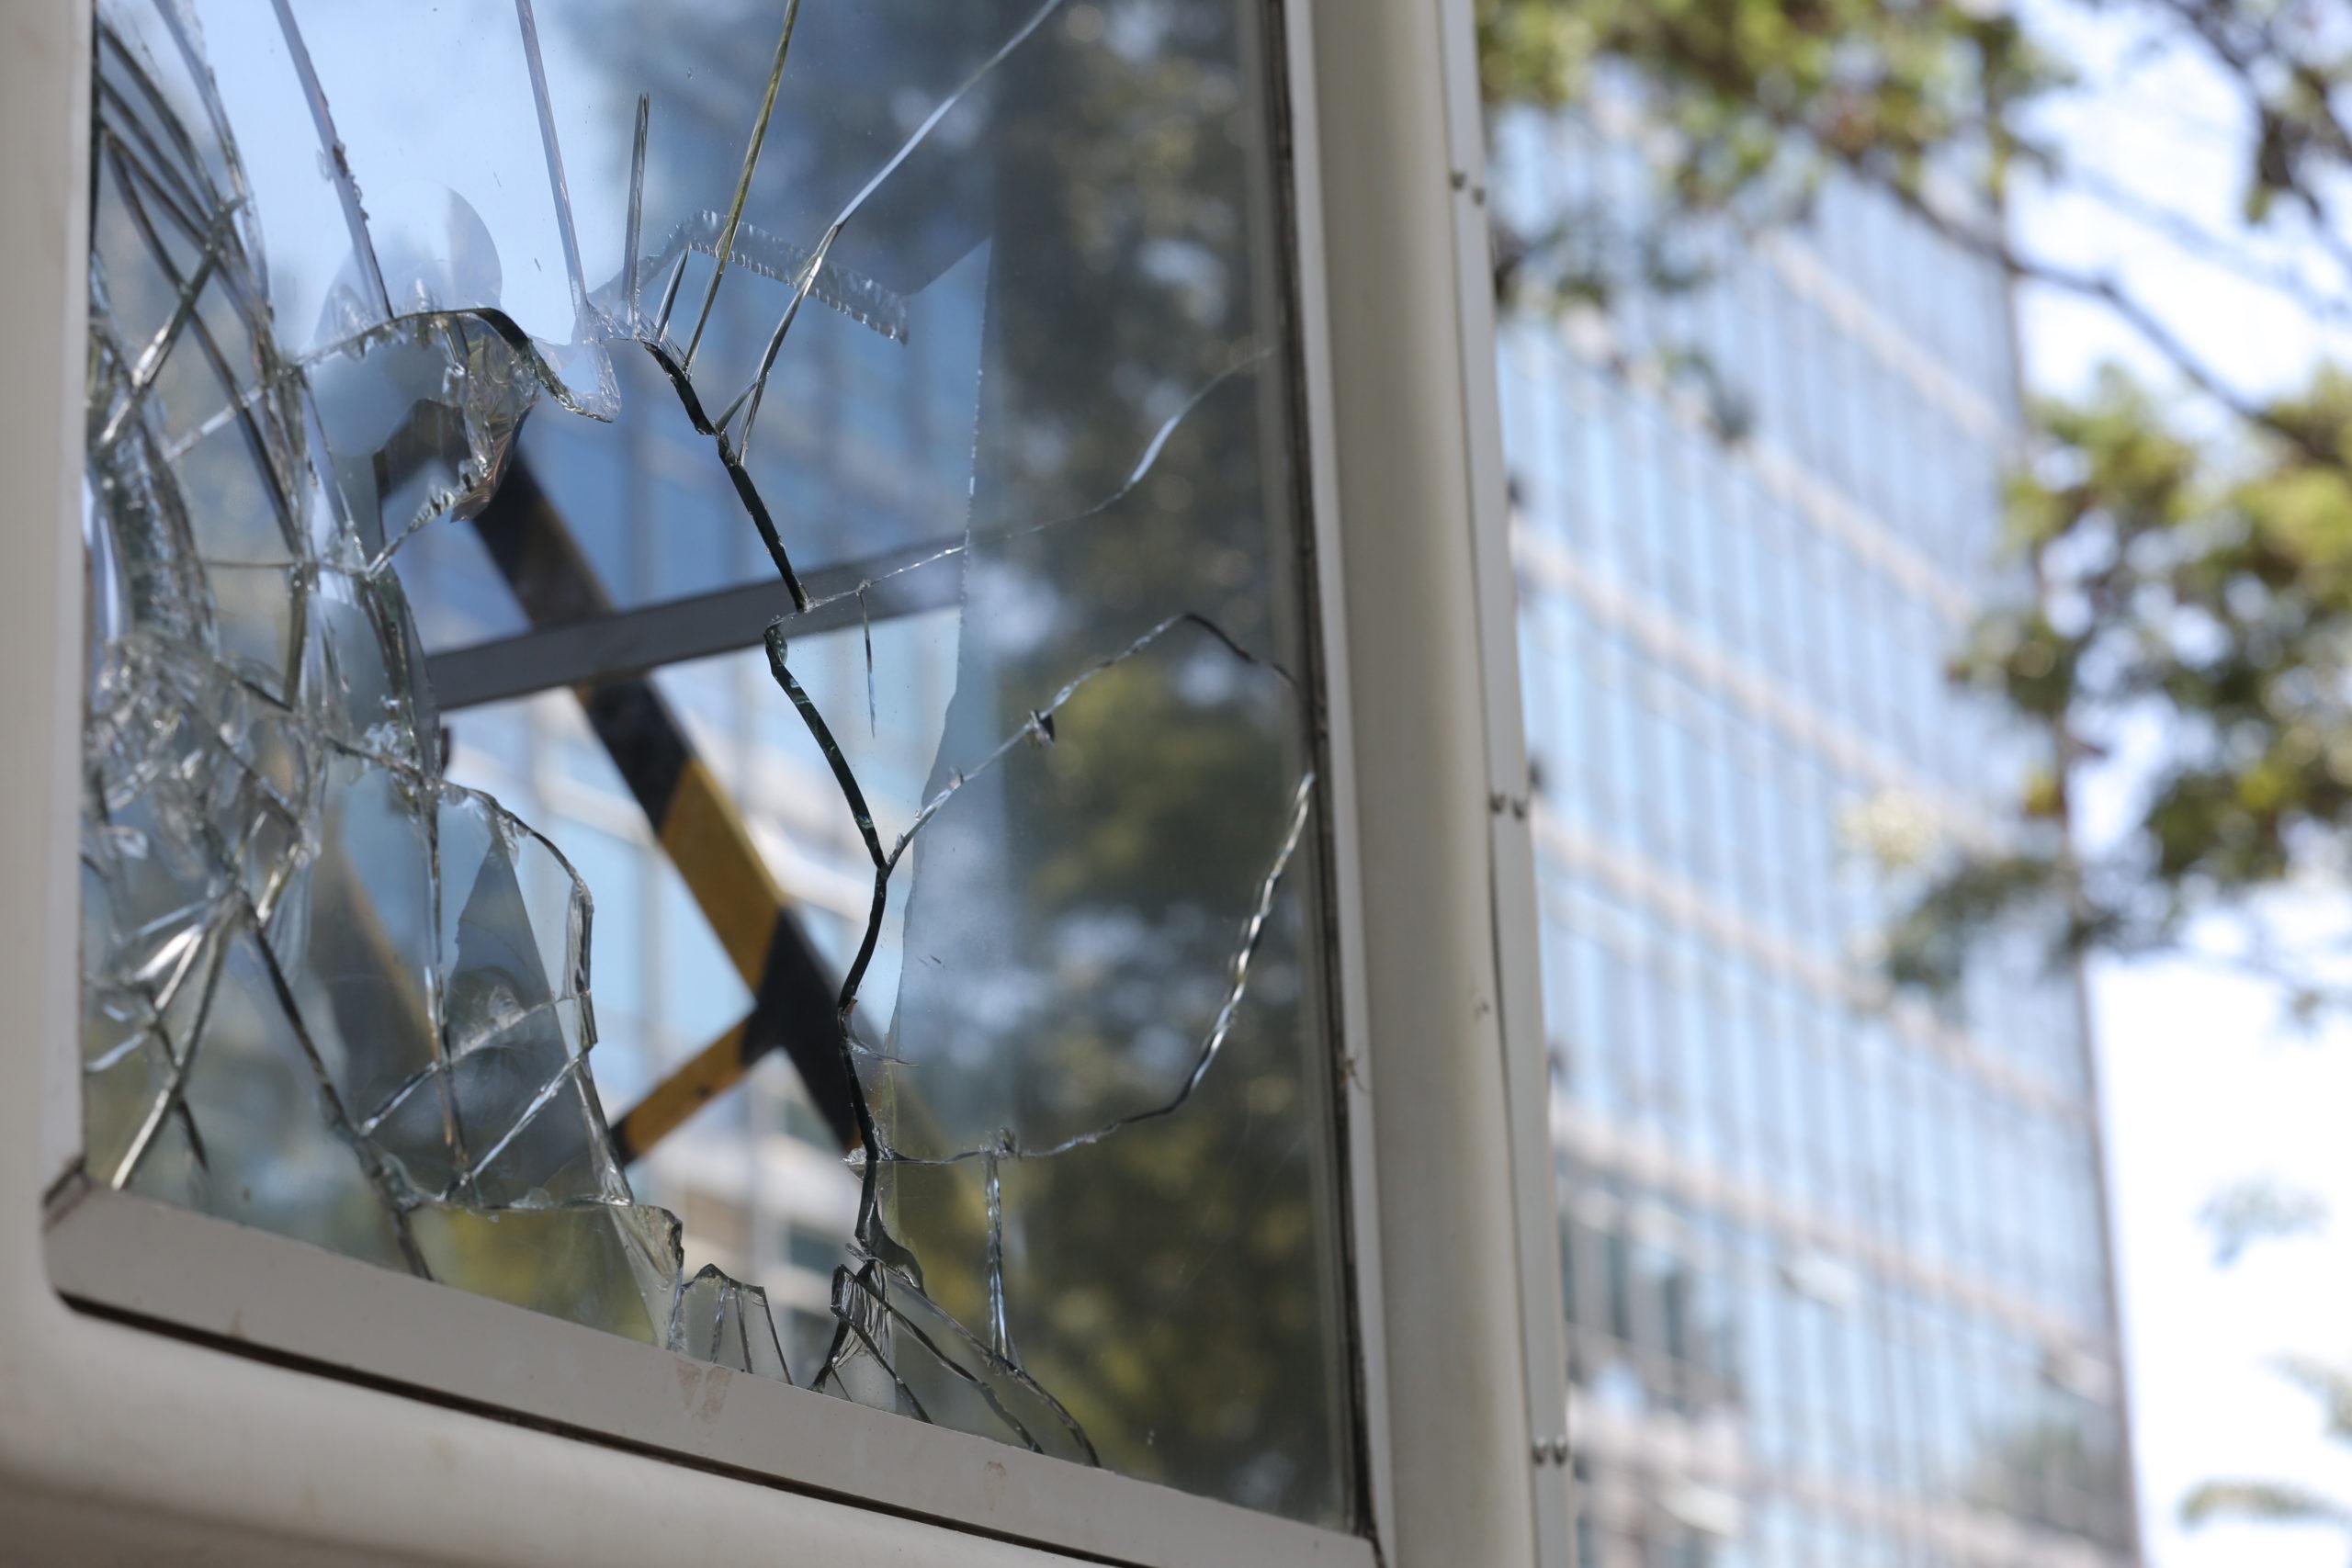 """Atto vandalico in scuola dell'infanzia, danneggiati infissi e finestre: nessun furto, """"mero interesse di fare danno"""""""